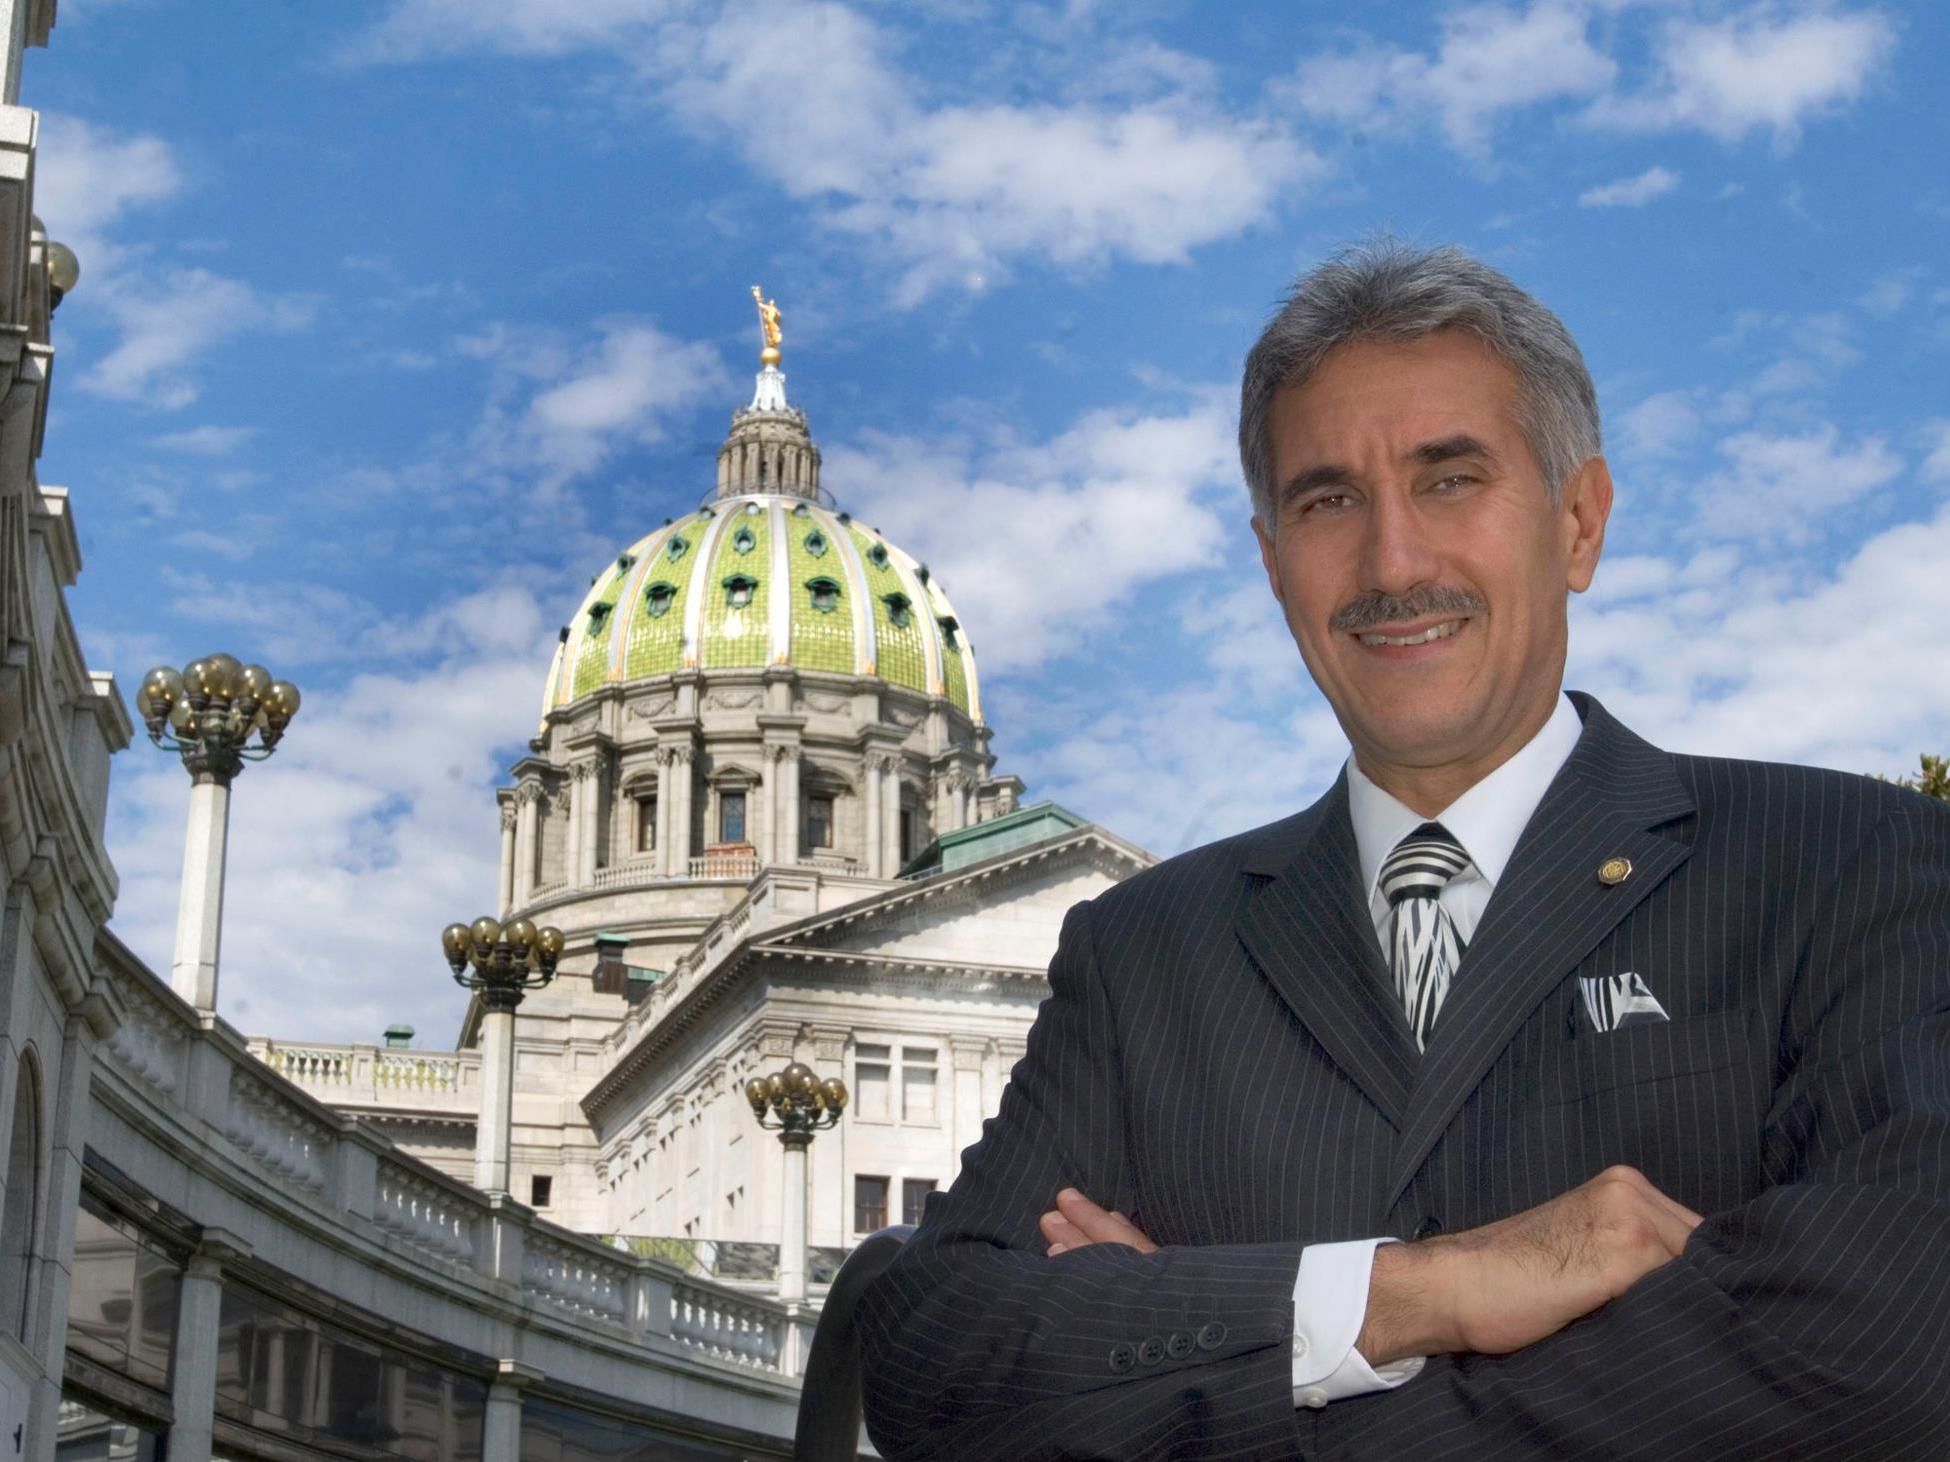 Chris Sainato - Pennsylvania State House